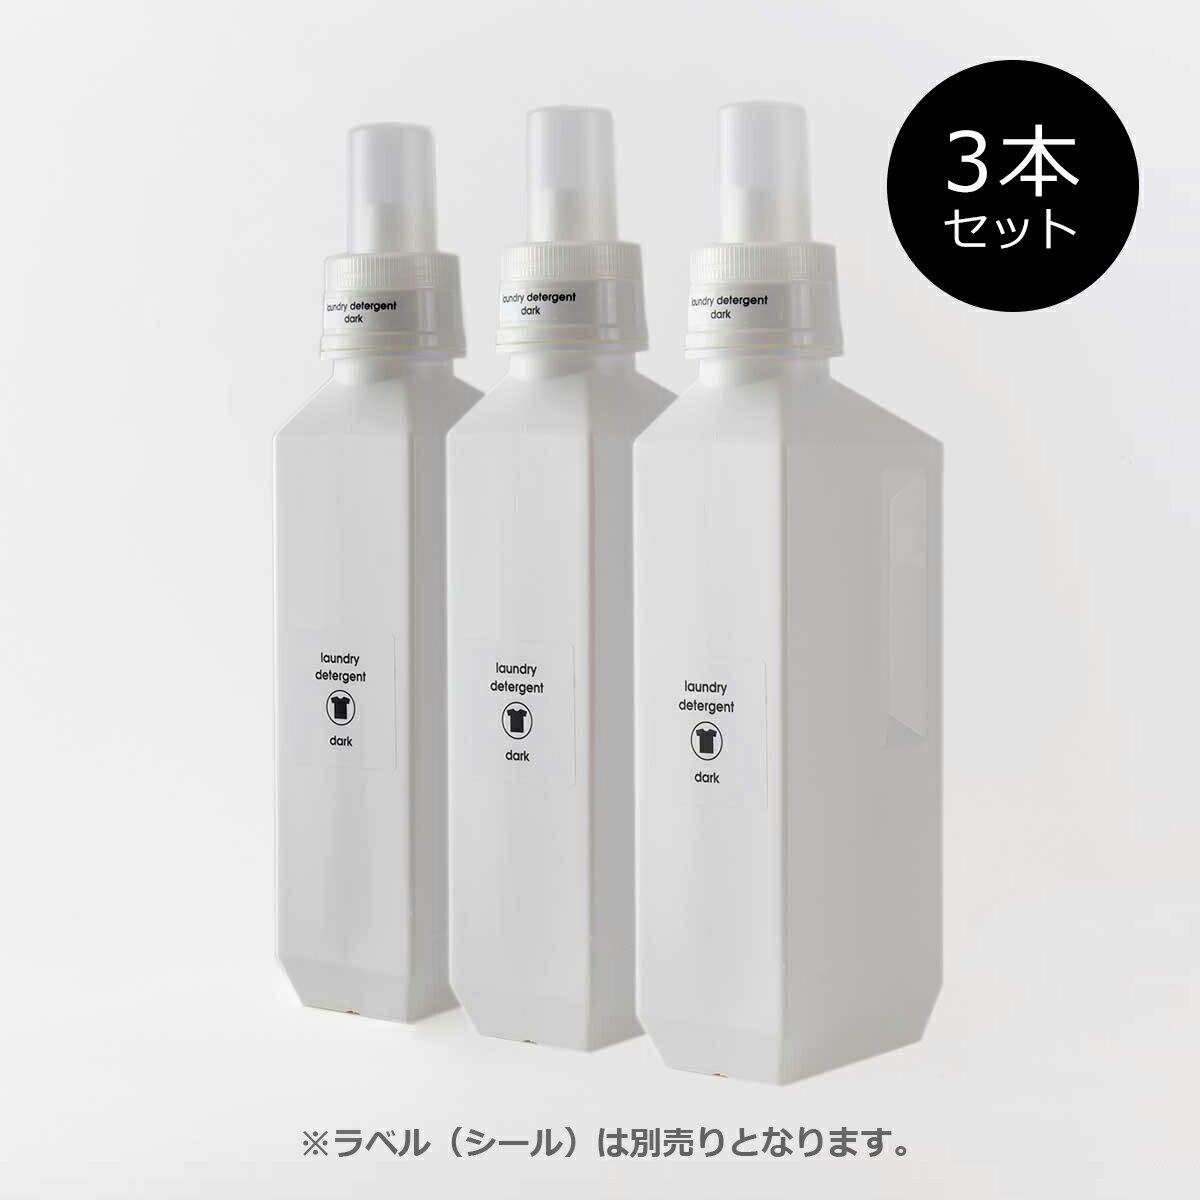 洗濯洗剤 柔軟剤 詰め替えボトル [セット販売●b2c ランドリーボトル-L 1000ml【3本入り】] ラベル・シール別売 サラサデザインストア sarasa design store